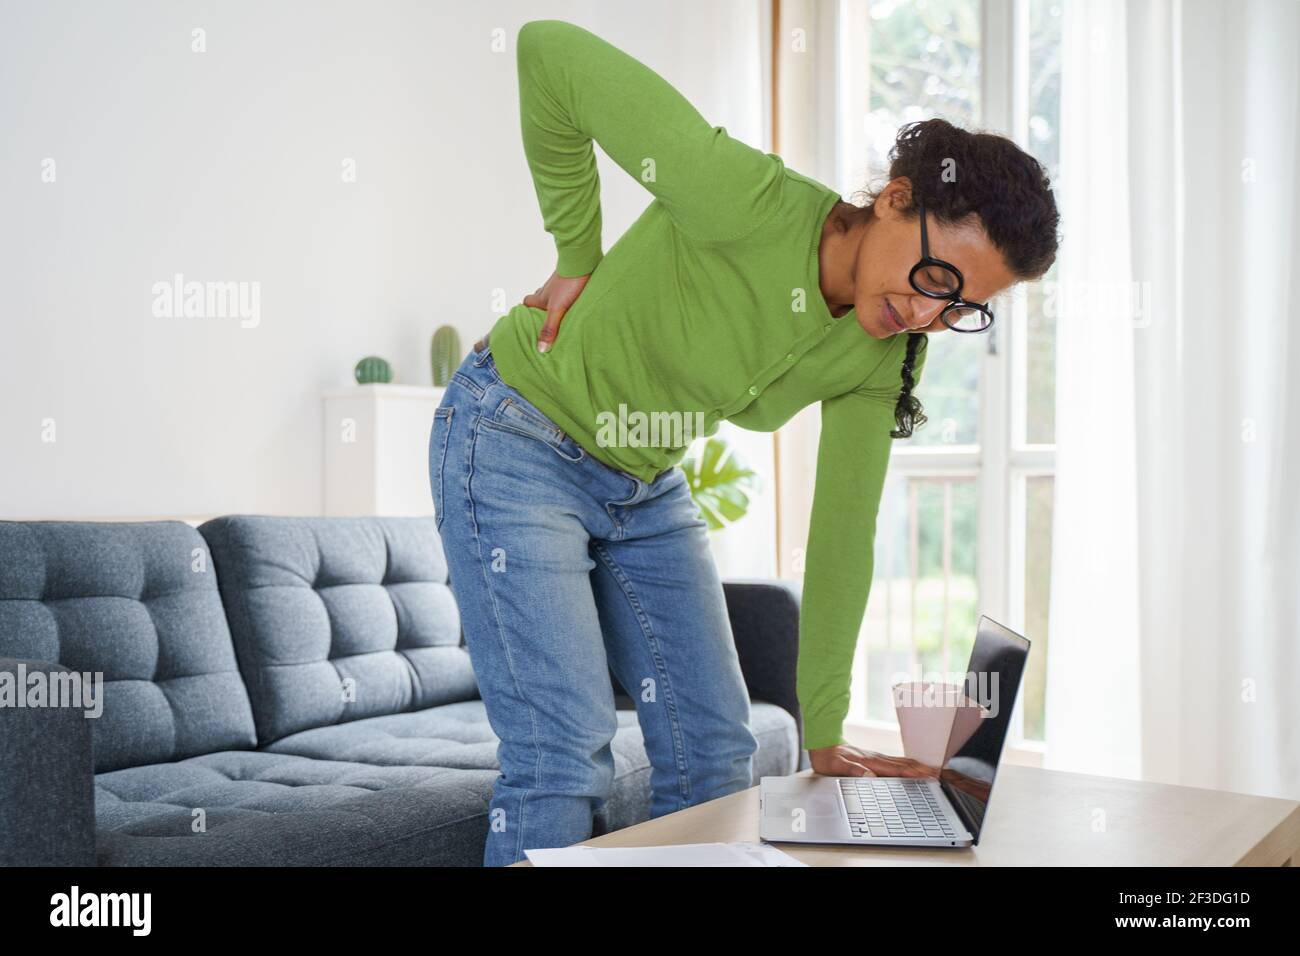 La femme noire souffre de douleurs au cou à la maison Banque D'Images